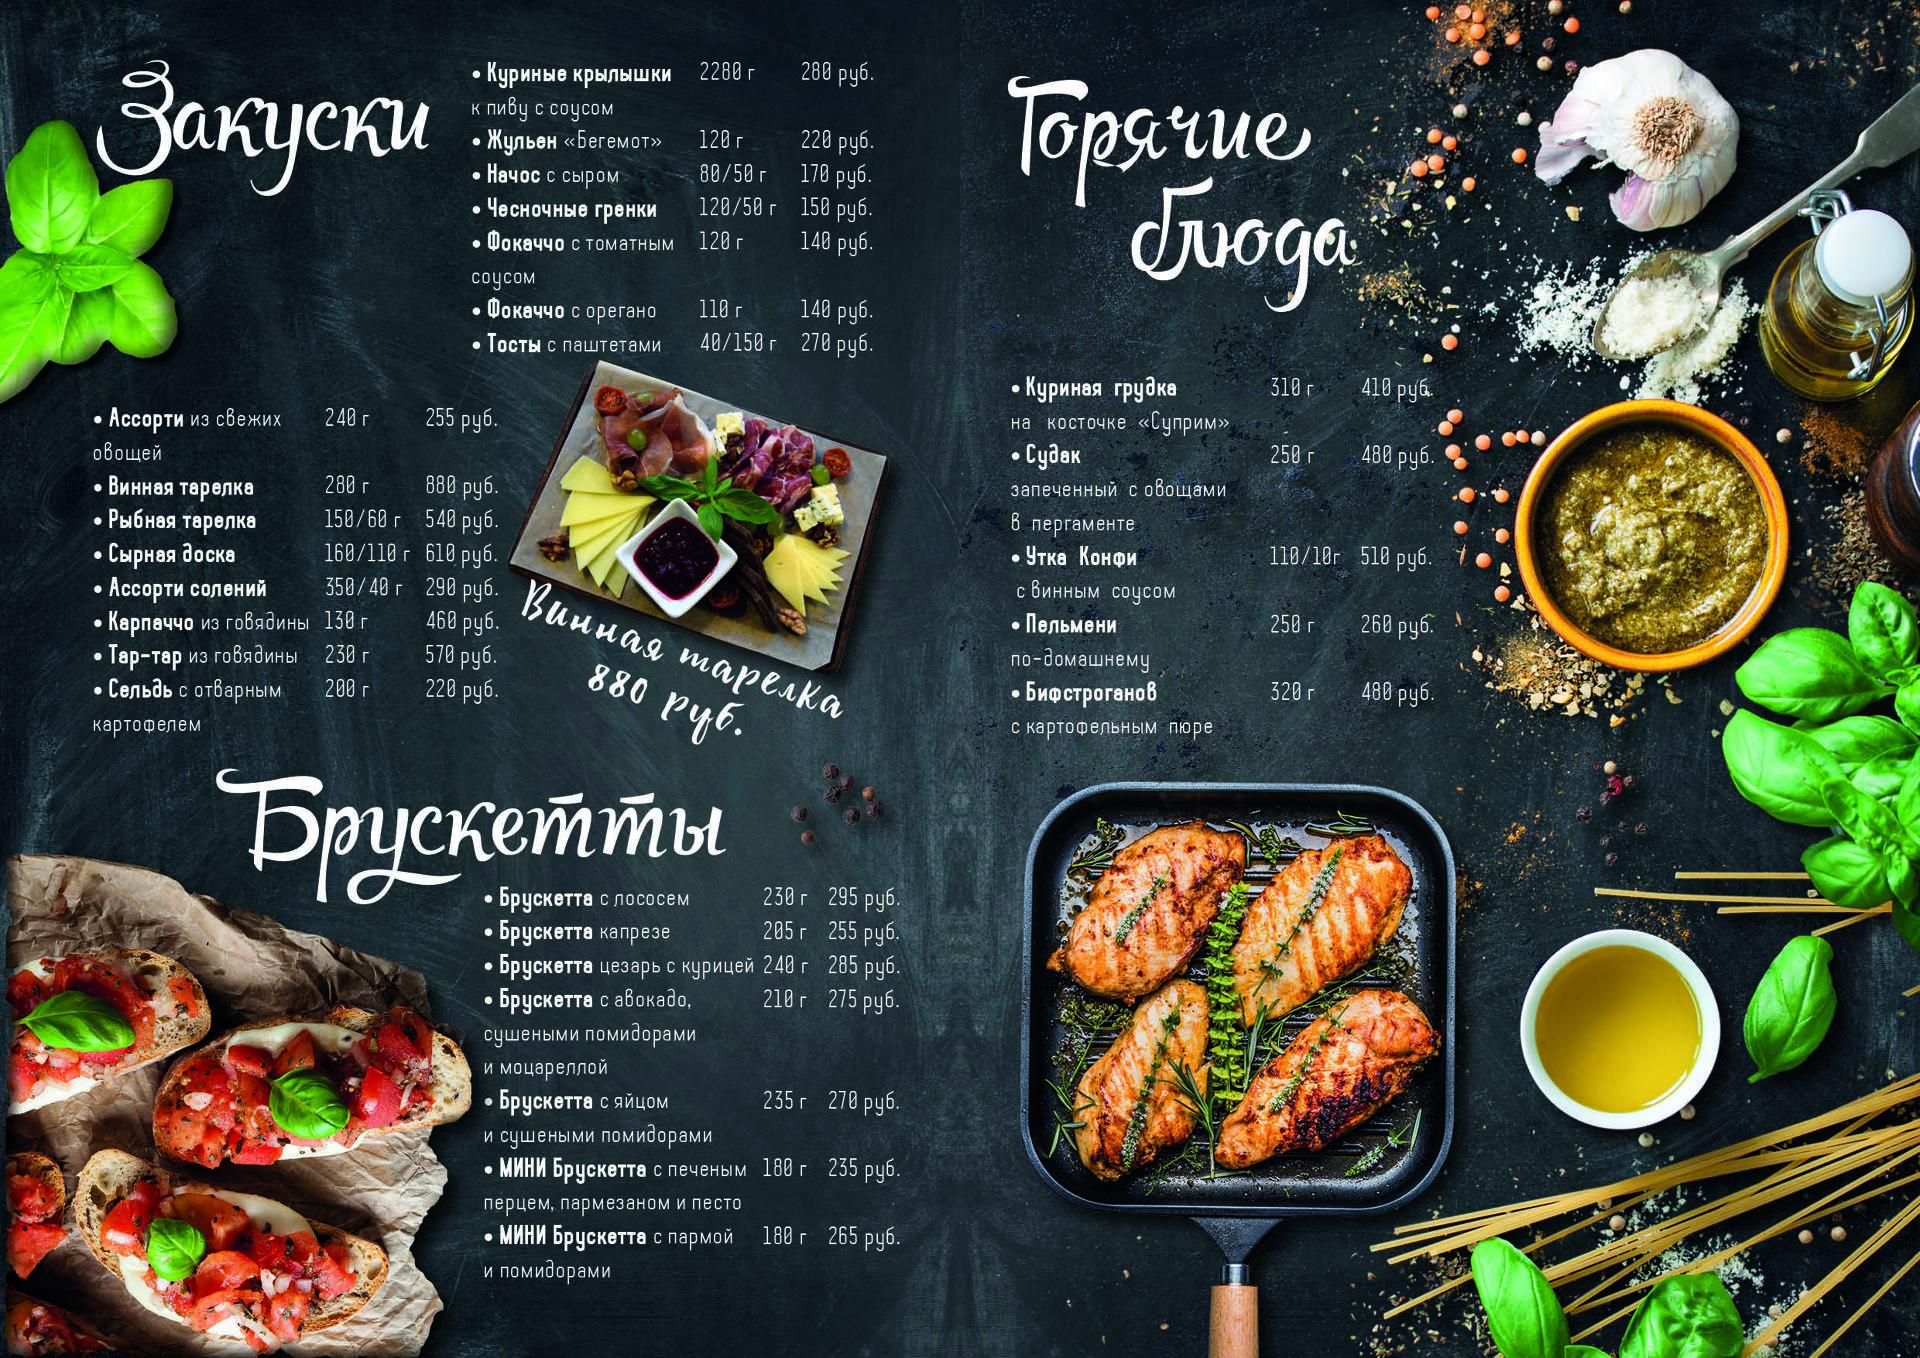 меню ресторанов в картинках в москве скептики, лишённые